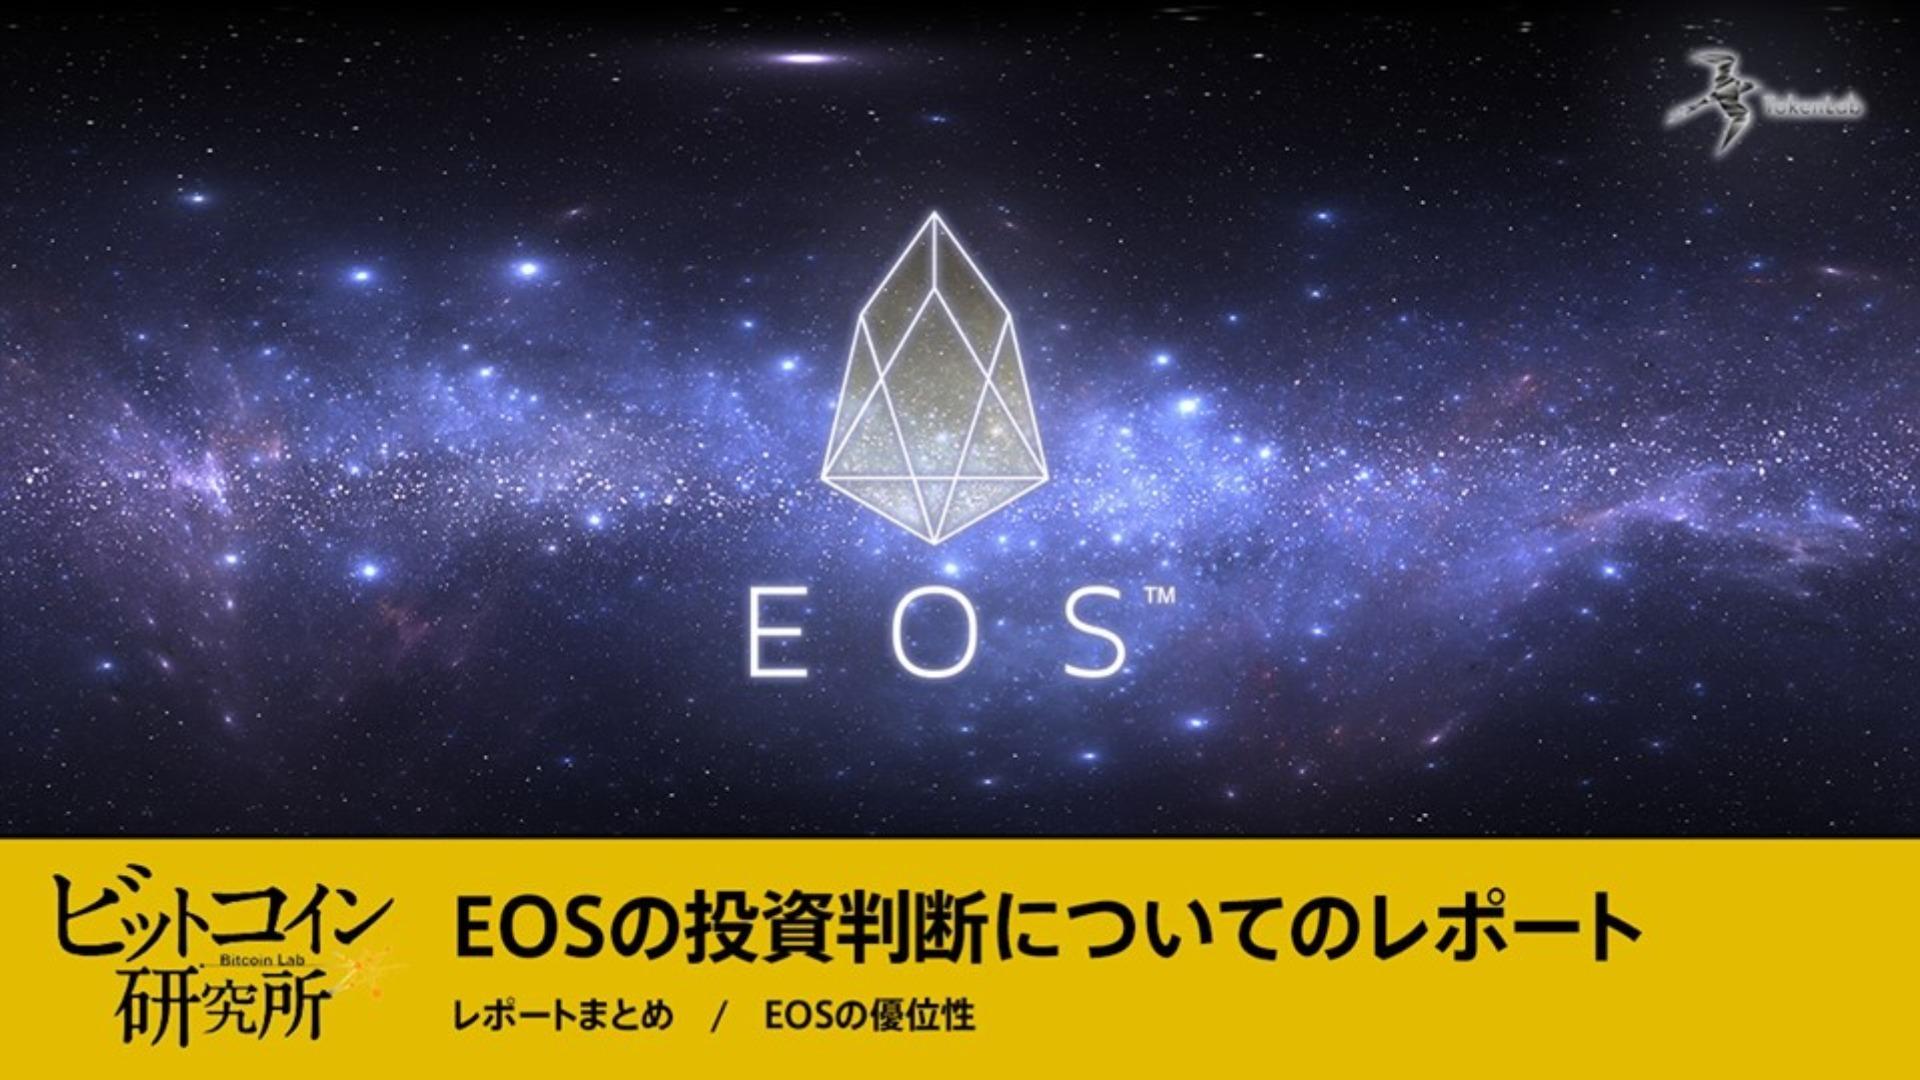 EOSの投資判断についてのレポート